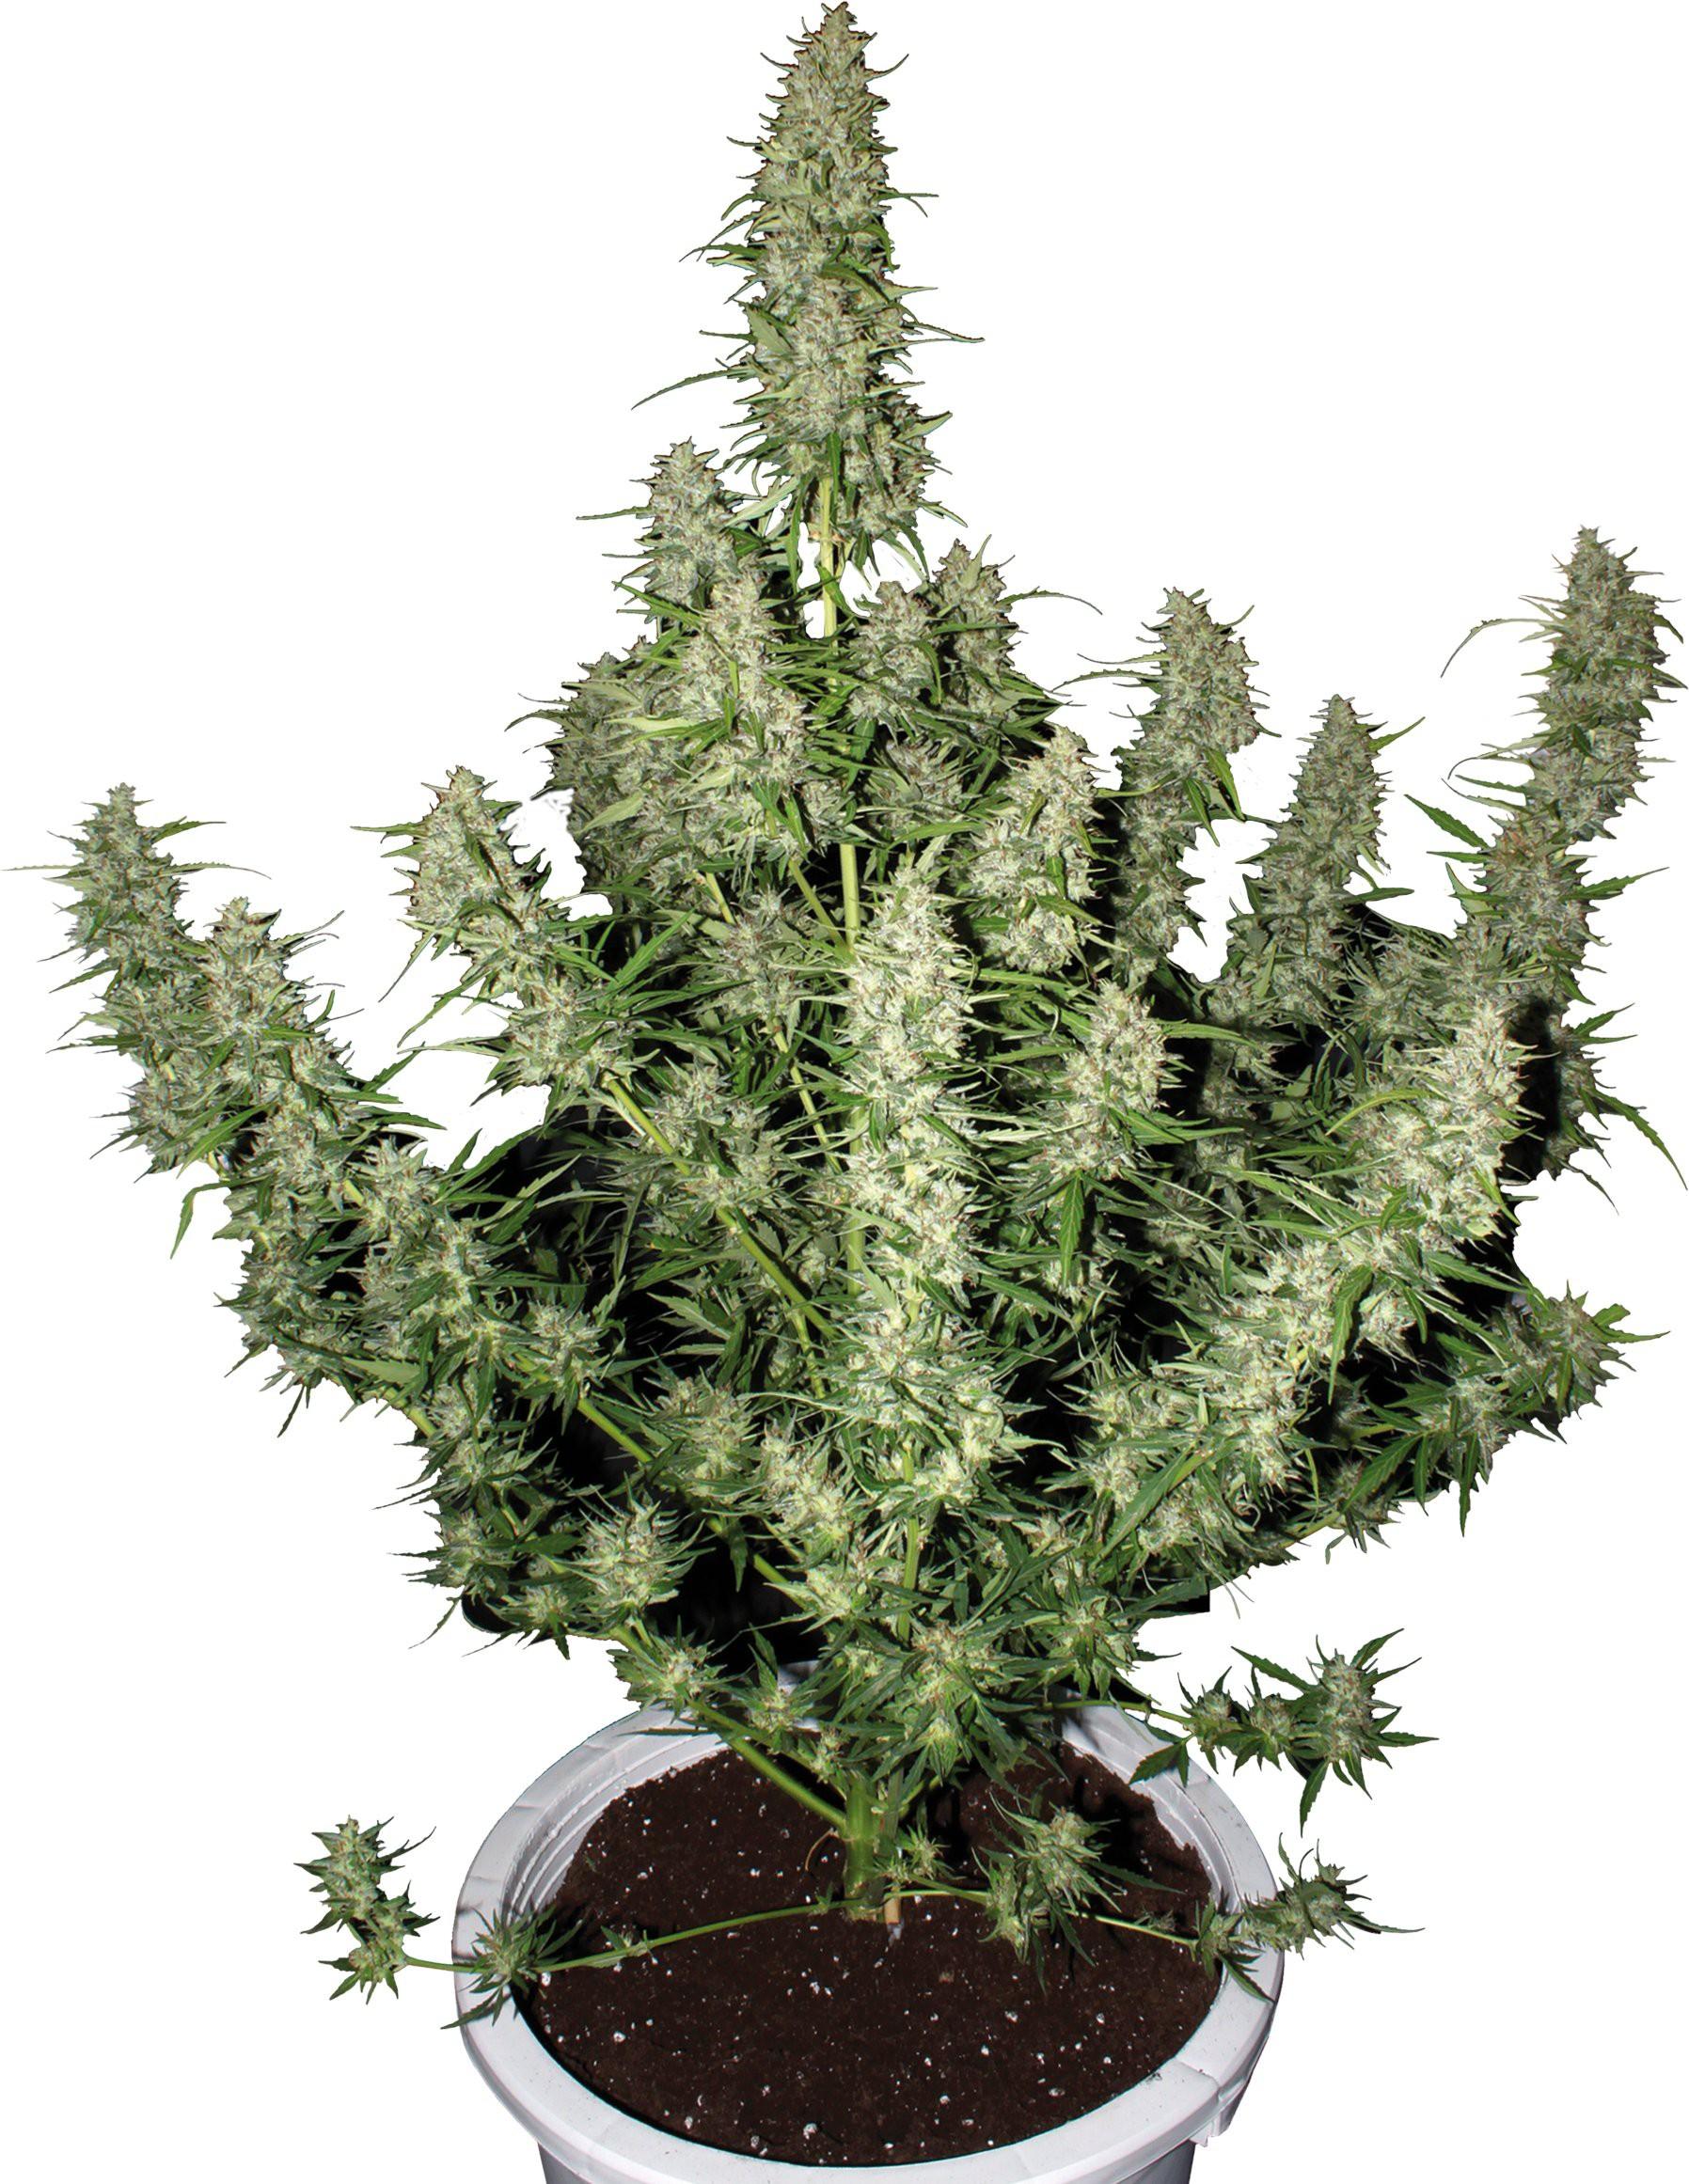 Семена 40 дневки конопляные каков эффект от марихуаны